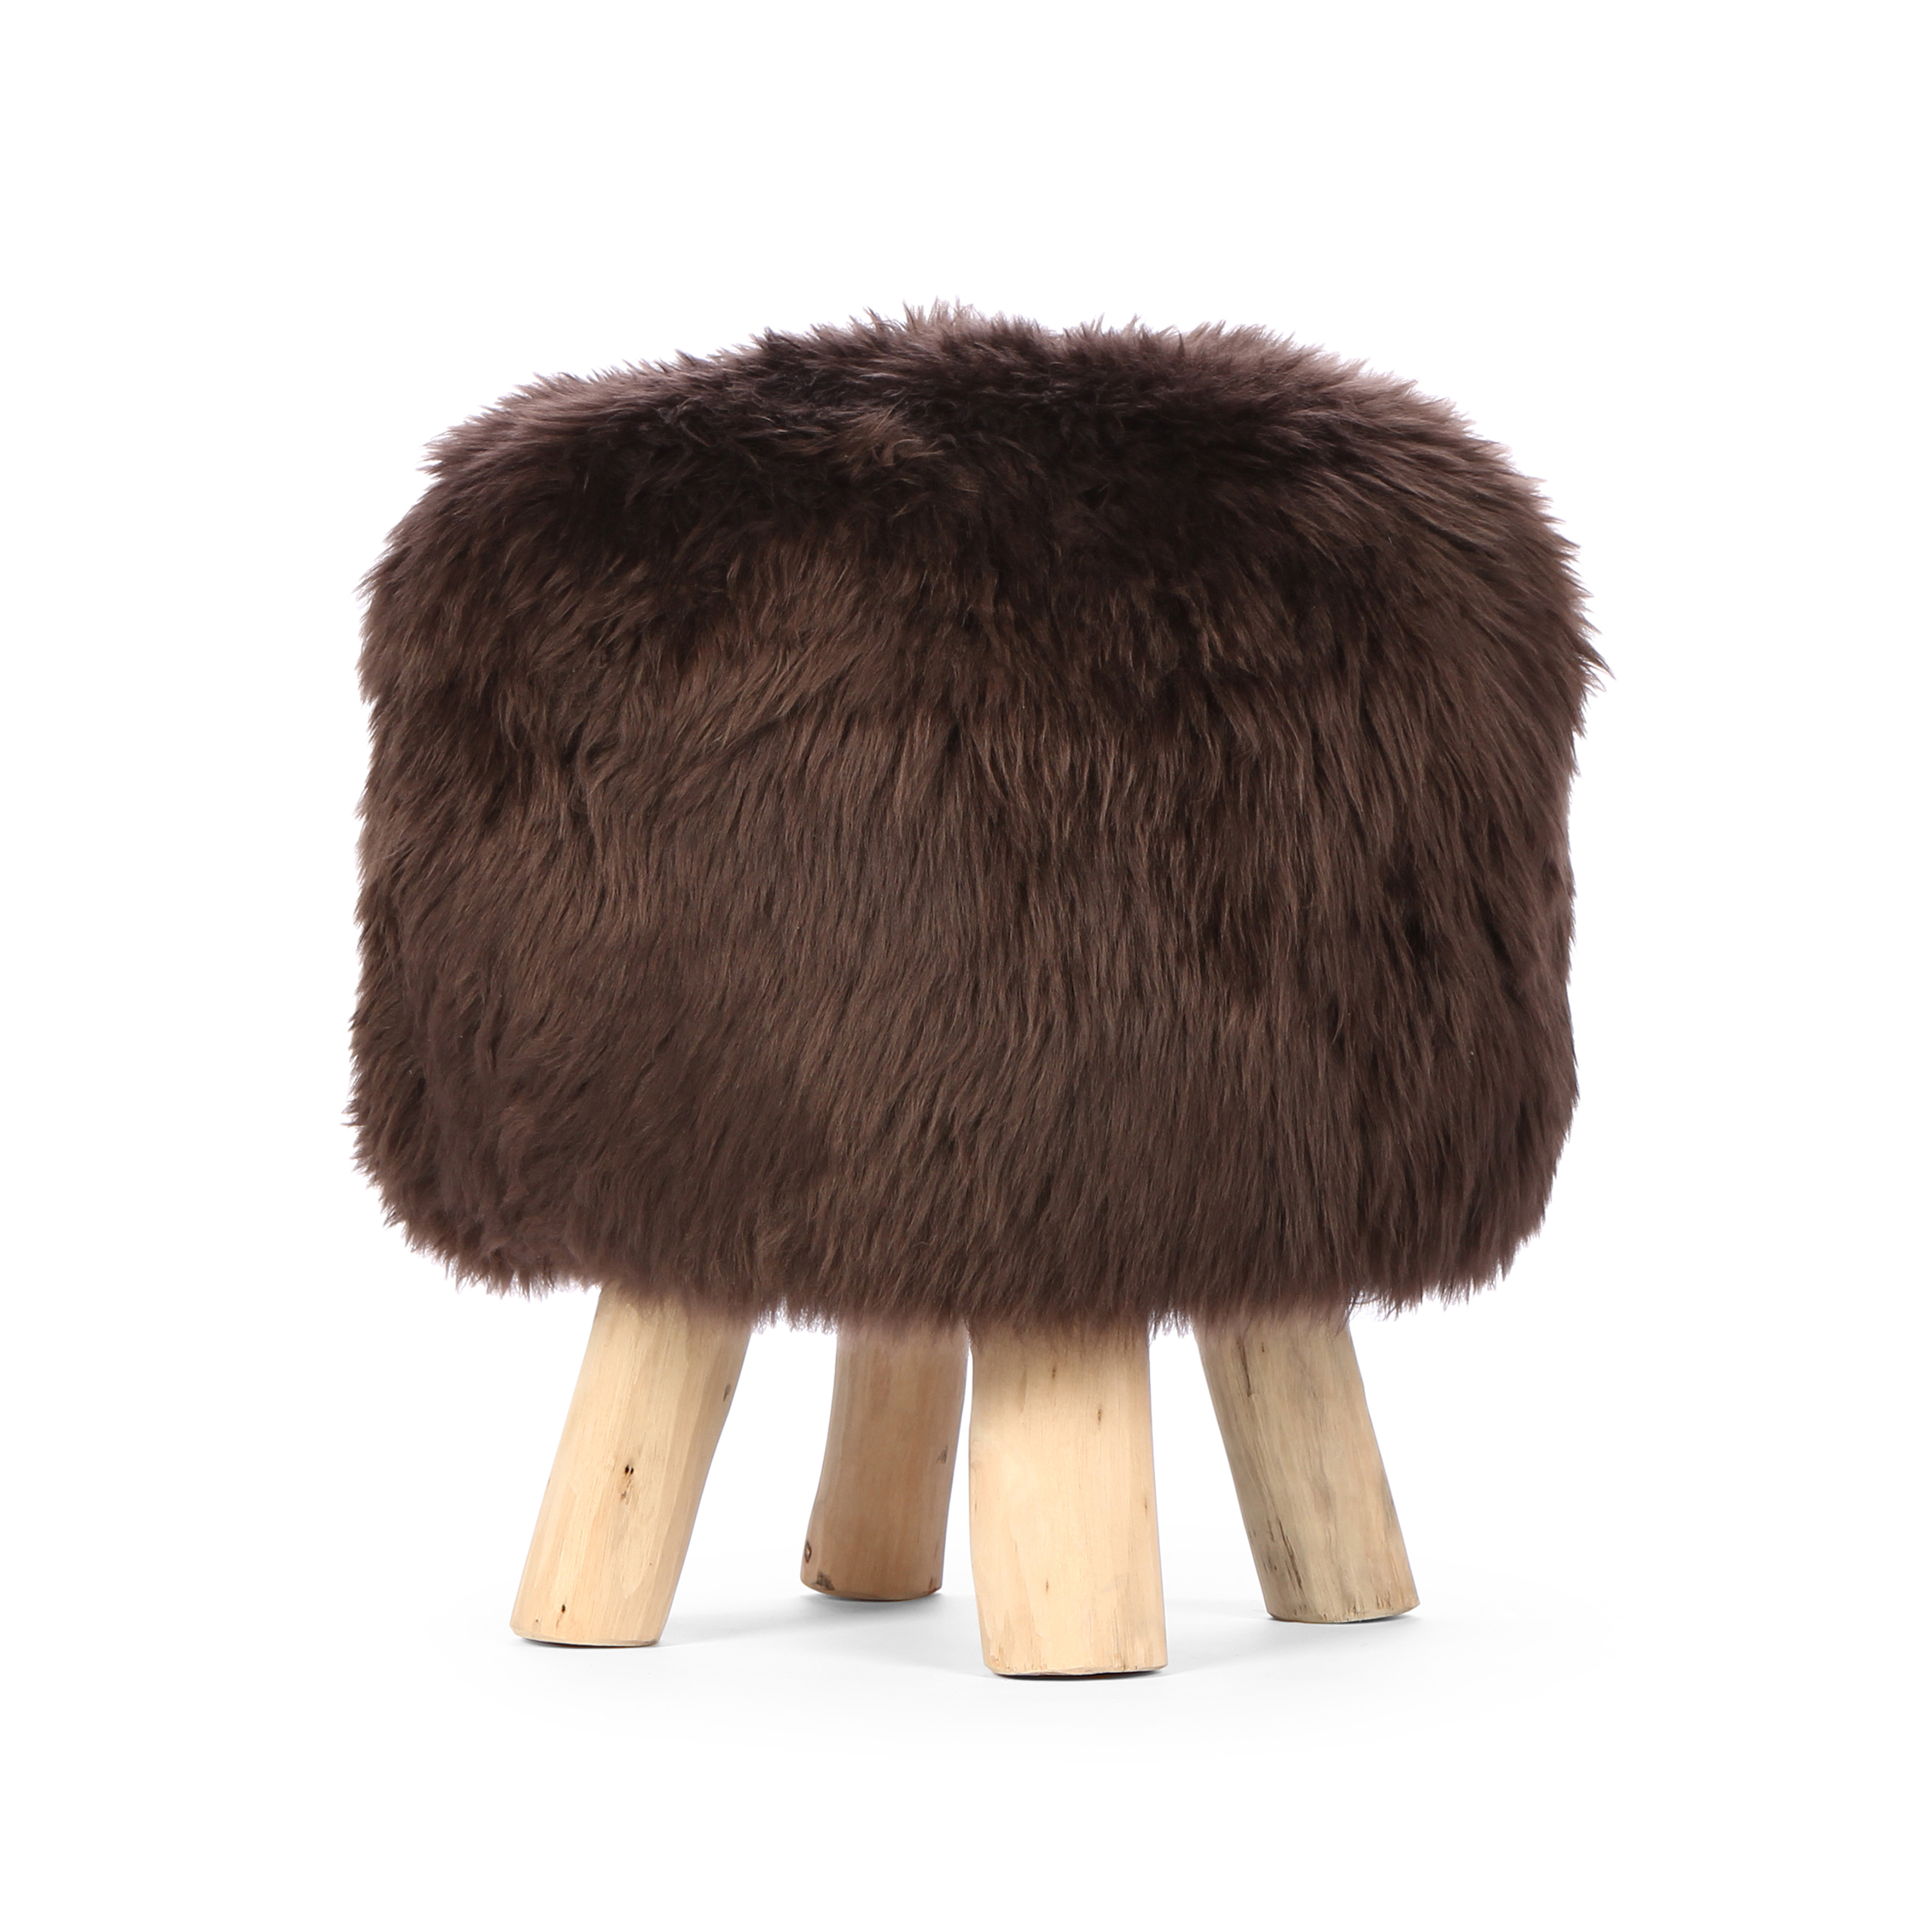 Табурет NordicТабуреты<br>Нет, он не лает и не кусается... Это табурет Nordic от компании Cosmo, который станет отличным дополнением к вашему интерьеру в скандинавском стиле.<br><br> Сегодня украшать интерьер овечьей шкурой является особо актуальным трендом, при этом помещение выглядит особенно уютно. К тому же ножки табурета изготовлены из сучьев настоящего дерева, которые тоже добавляют облику изделия естественного очарования. Сами по себе меховые шкуры очень приятные и мягкие на ощупь, они обладают успокаивающим и рас...<br><br>stock: 2<br>Высота: 40<br>Диаметр: 40<br>Цвет ножек: Белый дуб<br>Тип производства: Ручное производство<br>Материал ножек: Массив дуба<br>Материал сидения: Шкура овечья<br>Цвет сидения: Коричневый<br>Тип материала сидения: Ткань<br>Тип материала ножек: Дерево